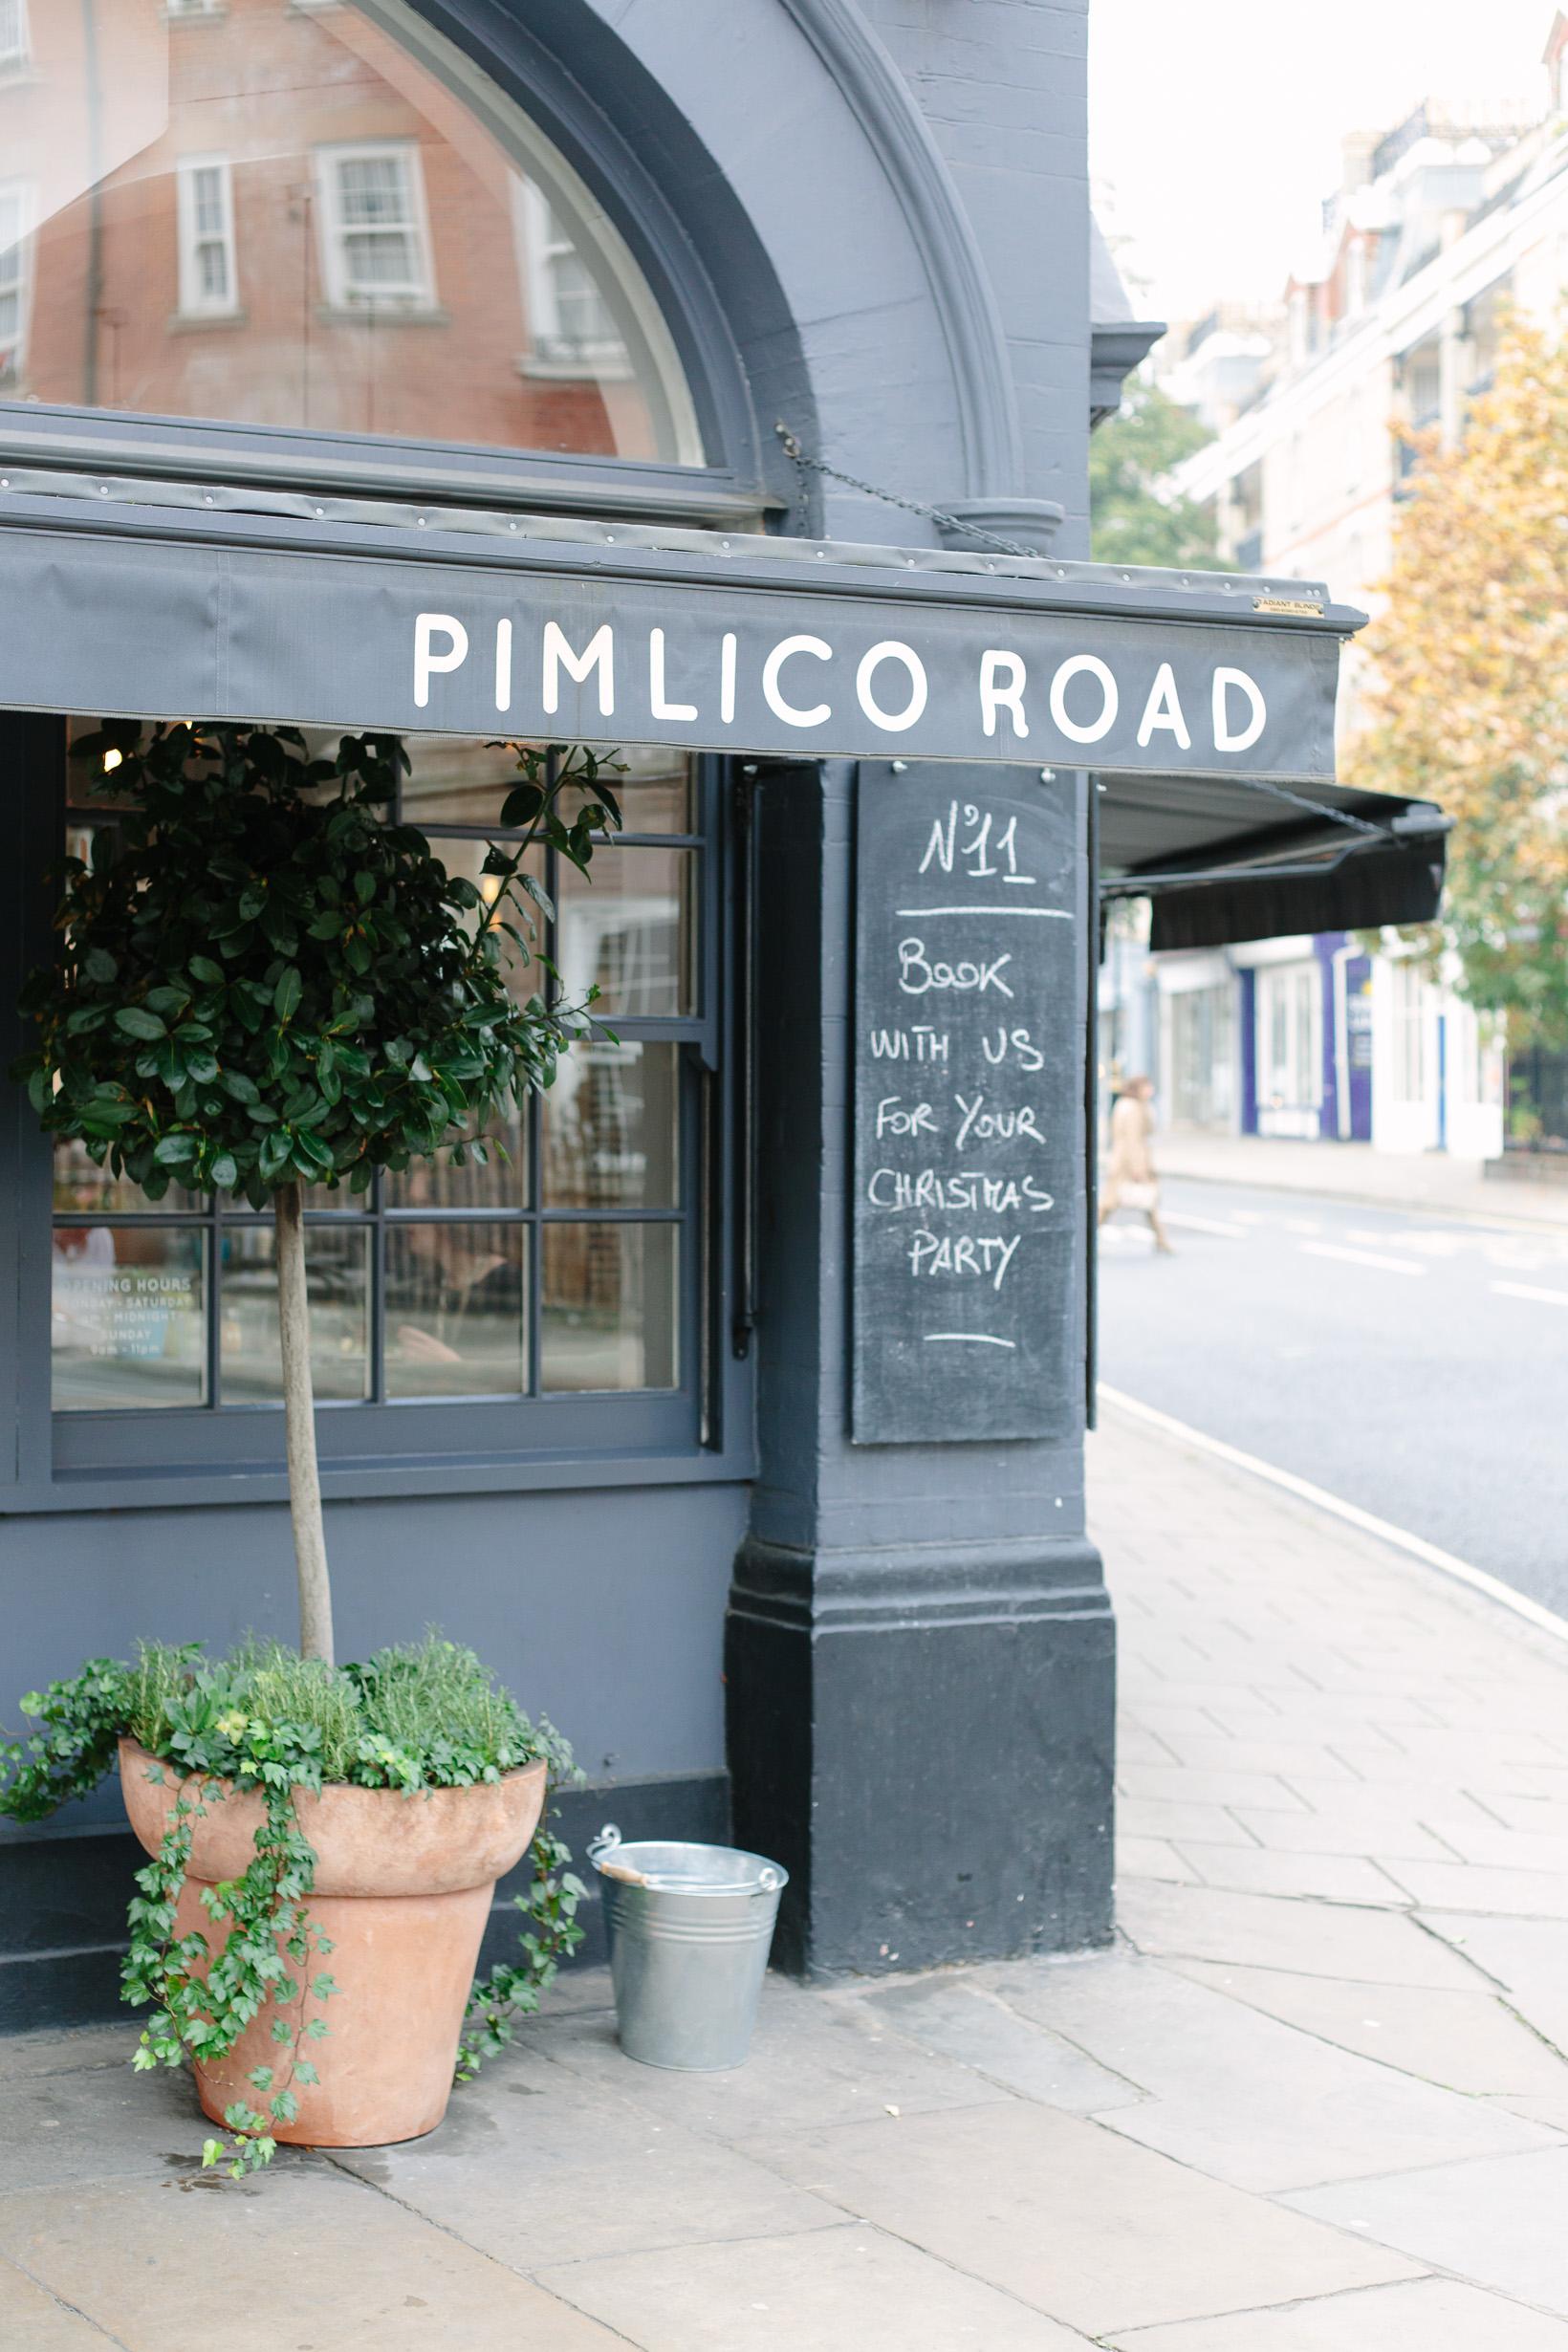 no-11-pimlico-road-london-4814